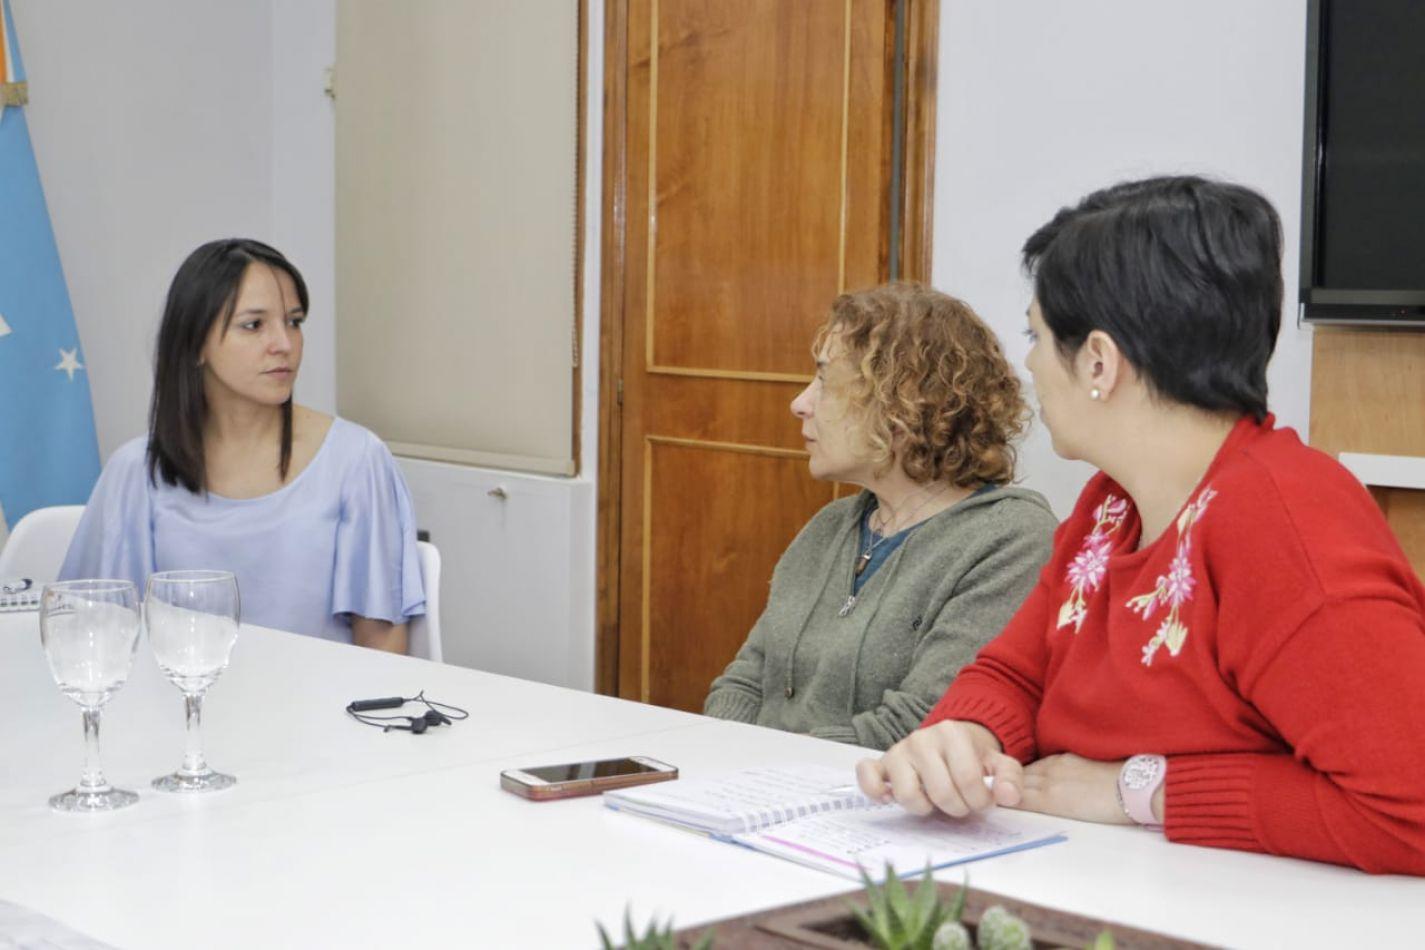 La secretaria Victoria Vuoto se reunió con la especialista en etología clínica